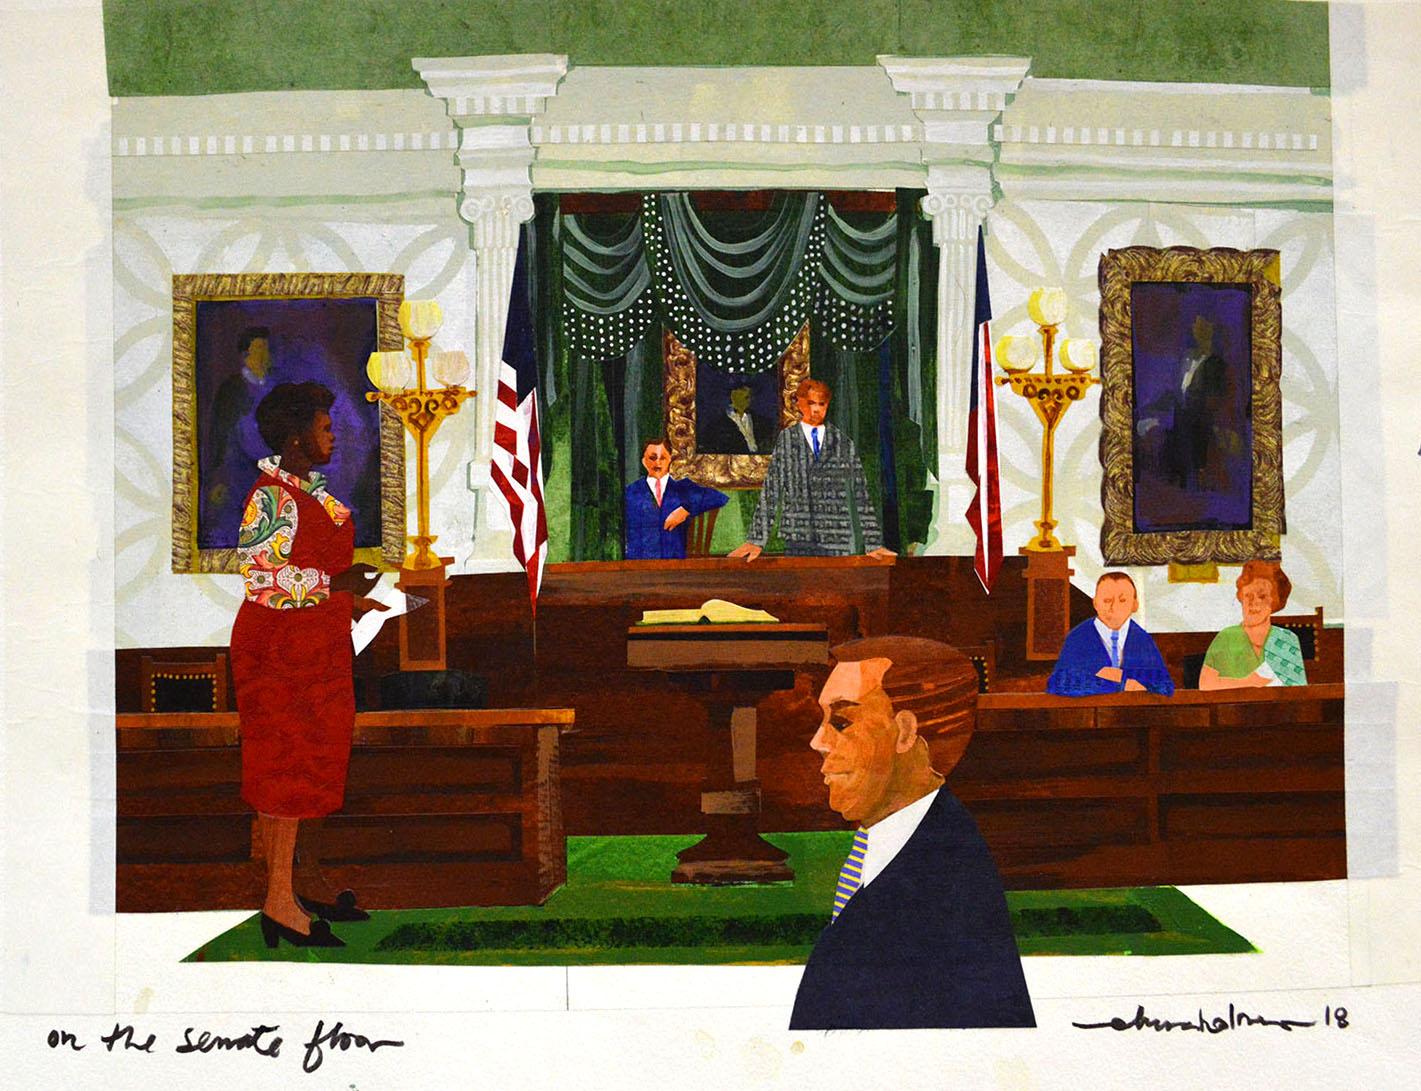 On the Senate Floor